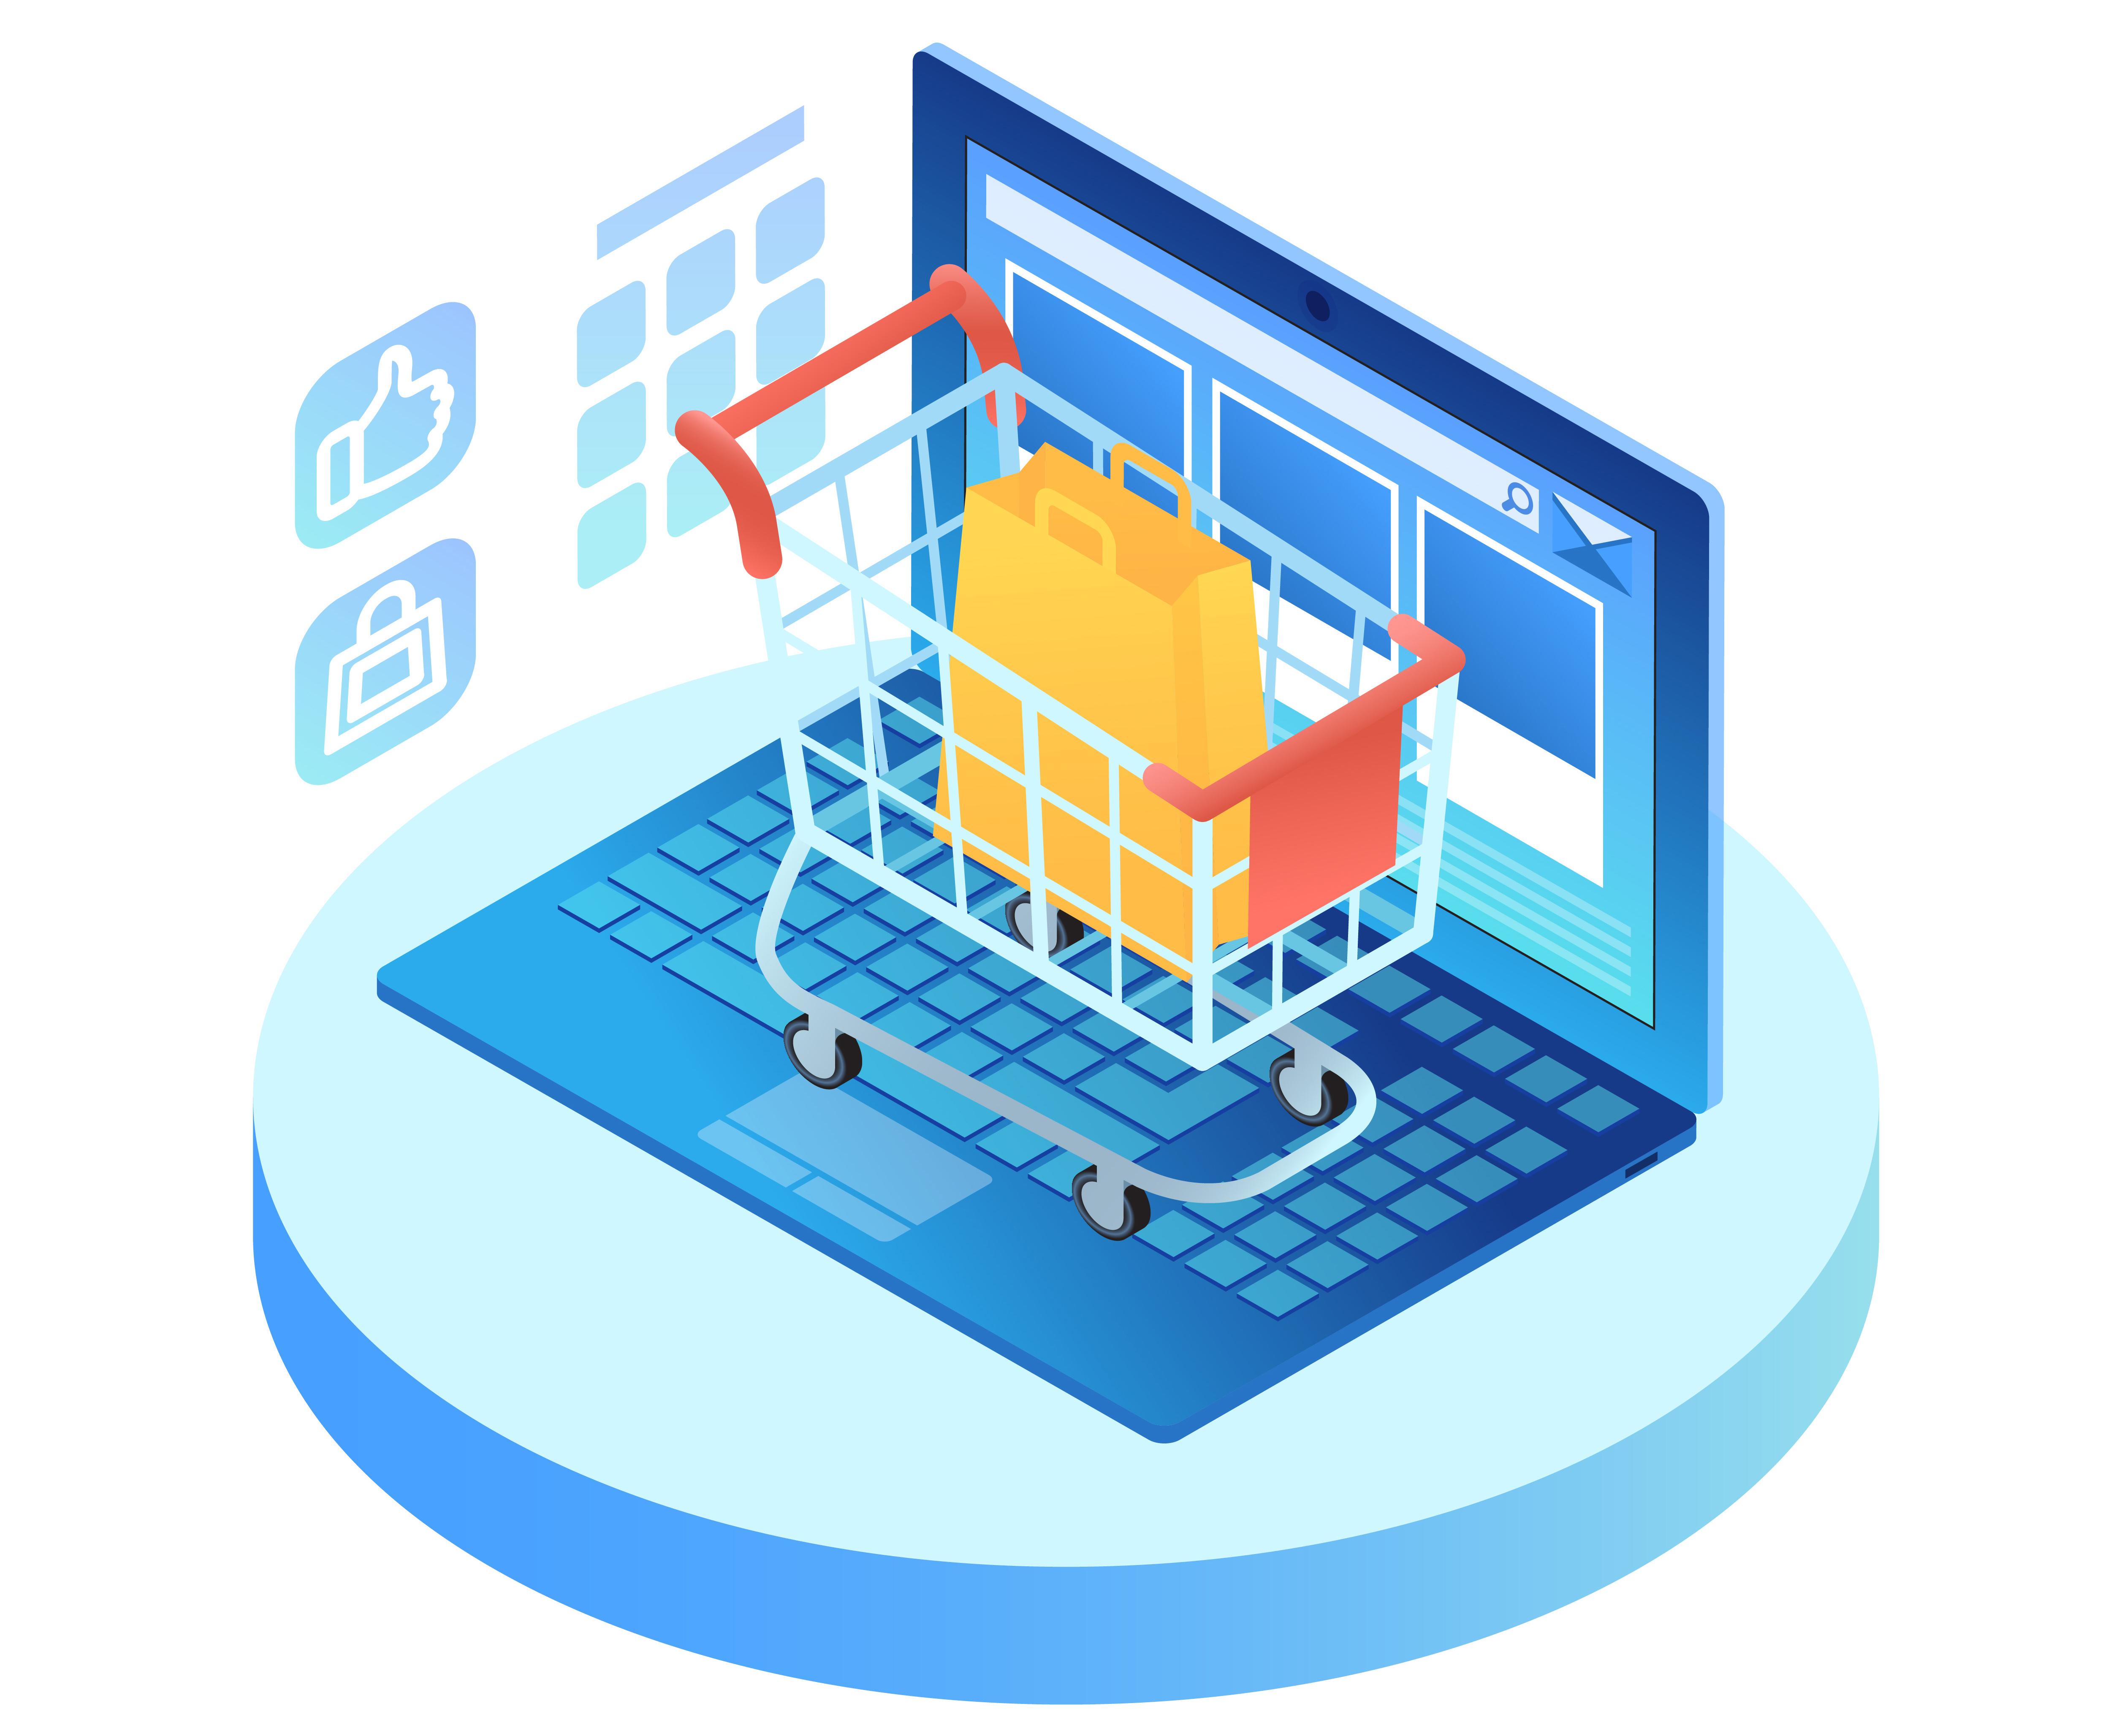 فروش محصول از طریق سایت